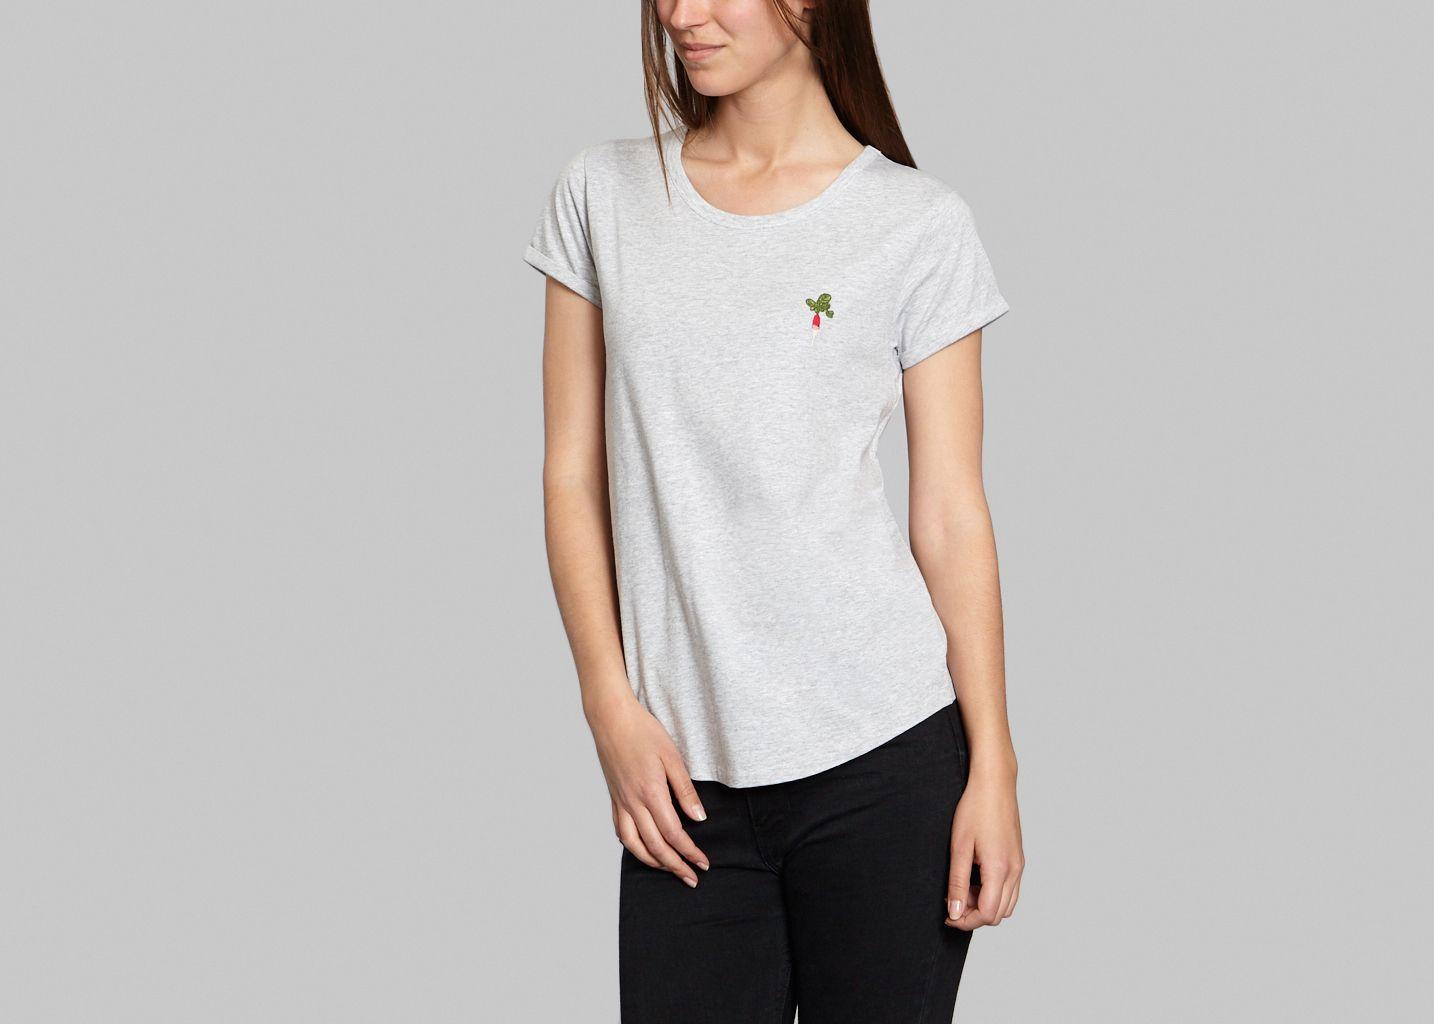 T-Shirt Radis  - Maison Labiche